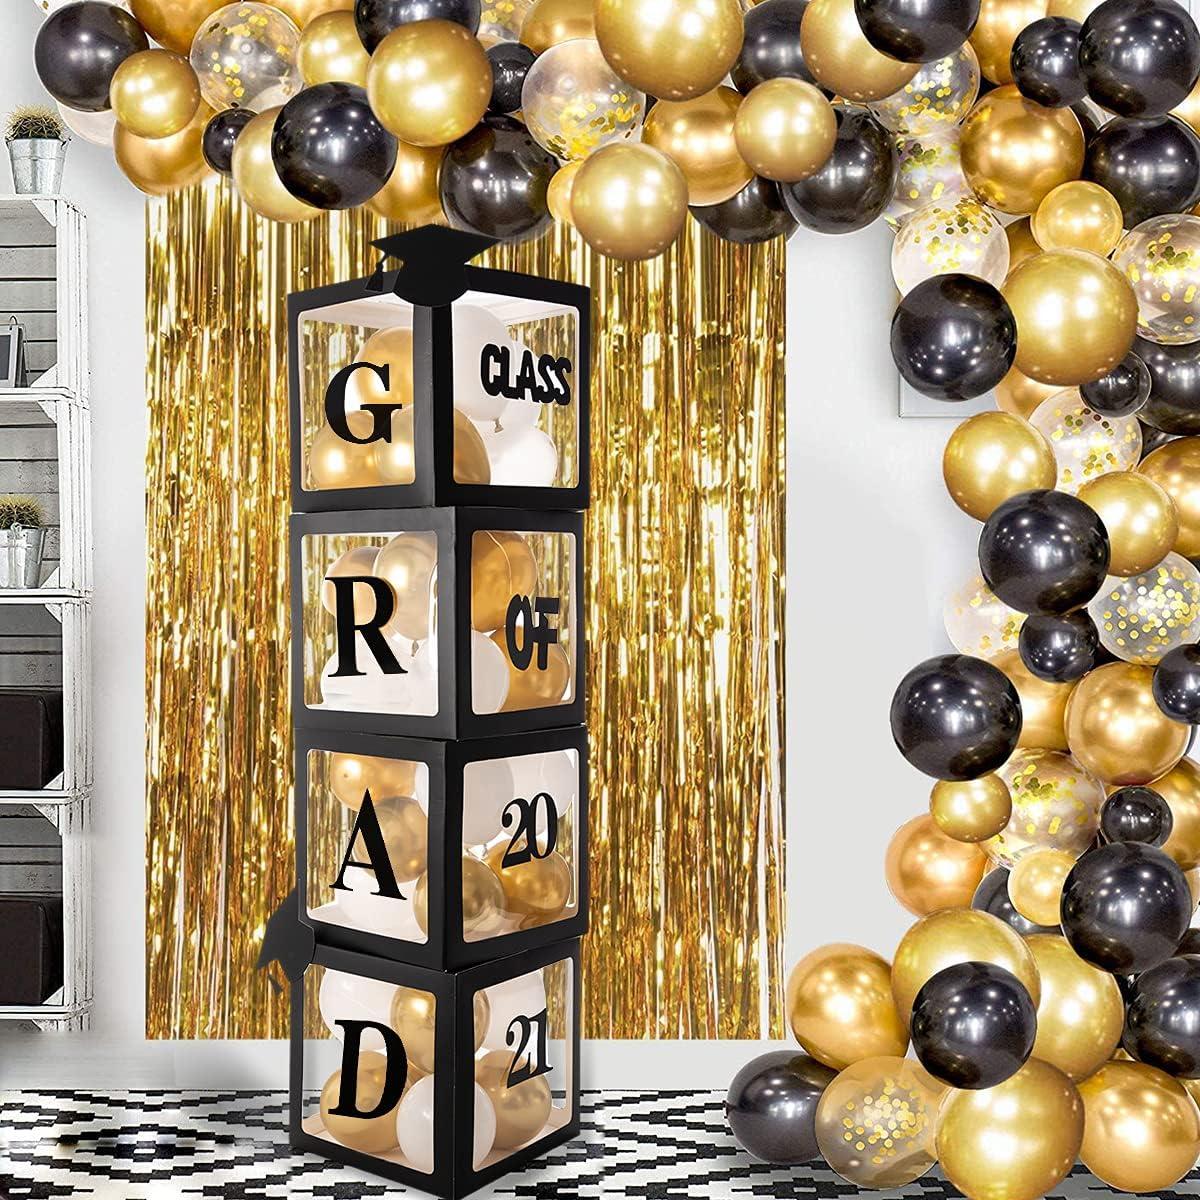 """2021 Graduation Balloon Boxes Decorations, 4 pieces Black Graduation Party Balloons Boxes with """"GARD"""" """"Class of 2021"""" Letters, Little Cap Graduation Decorations for Congrats Grad 2021 Decor"""